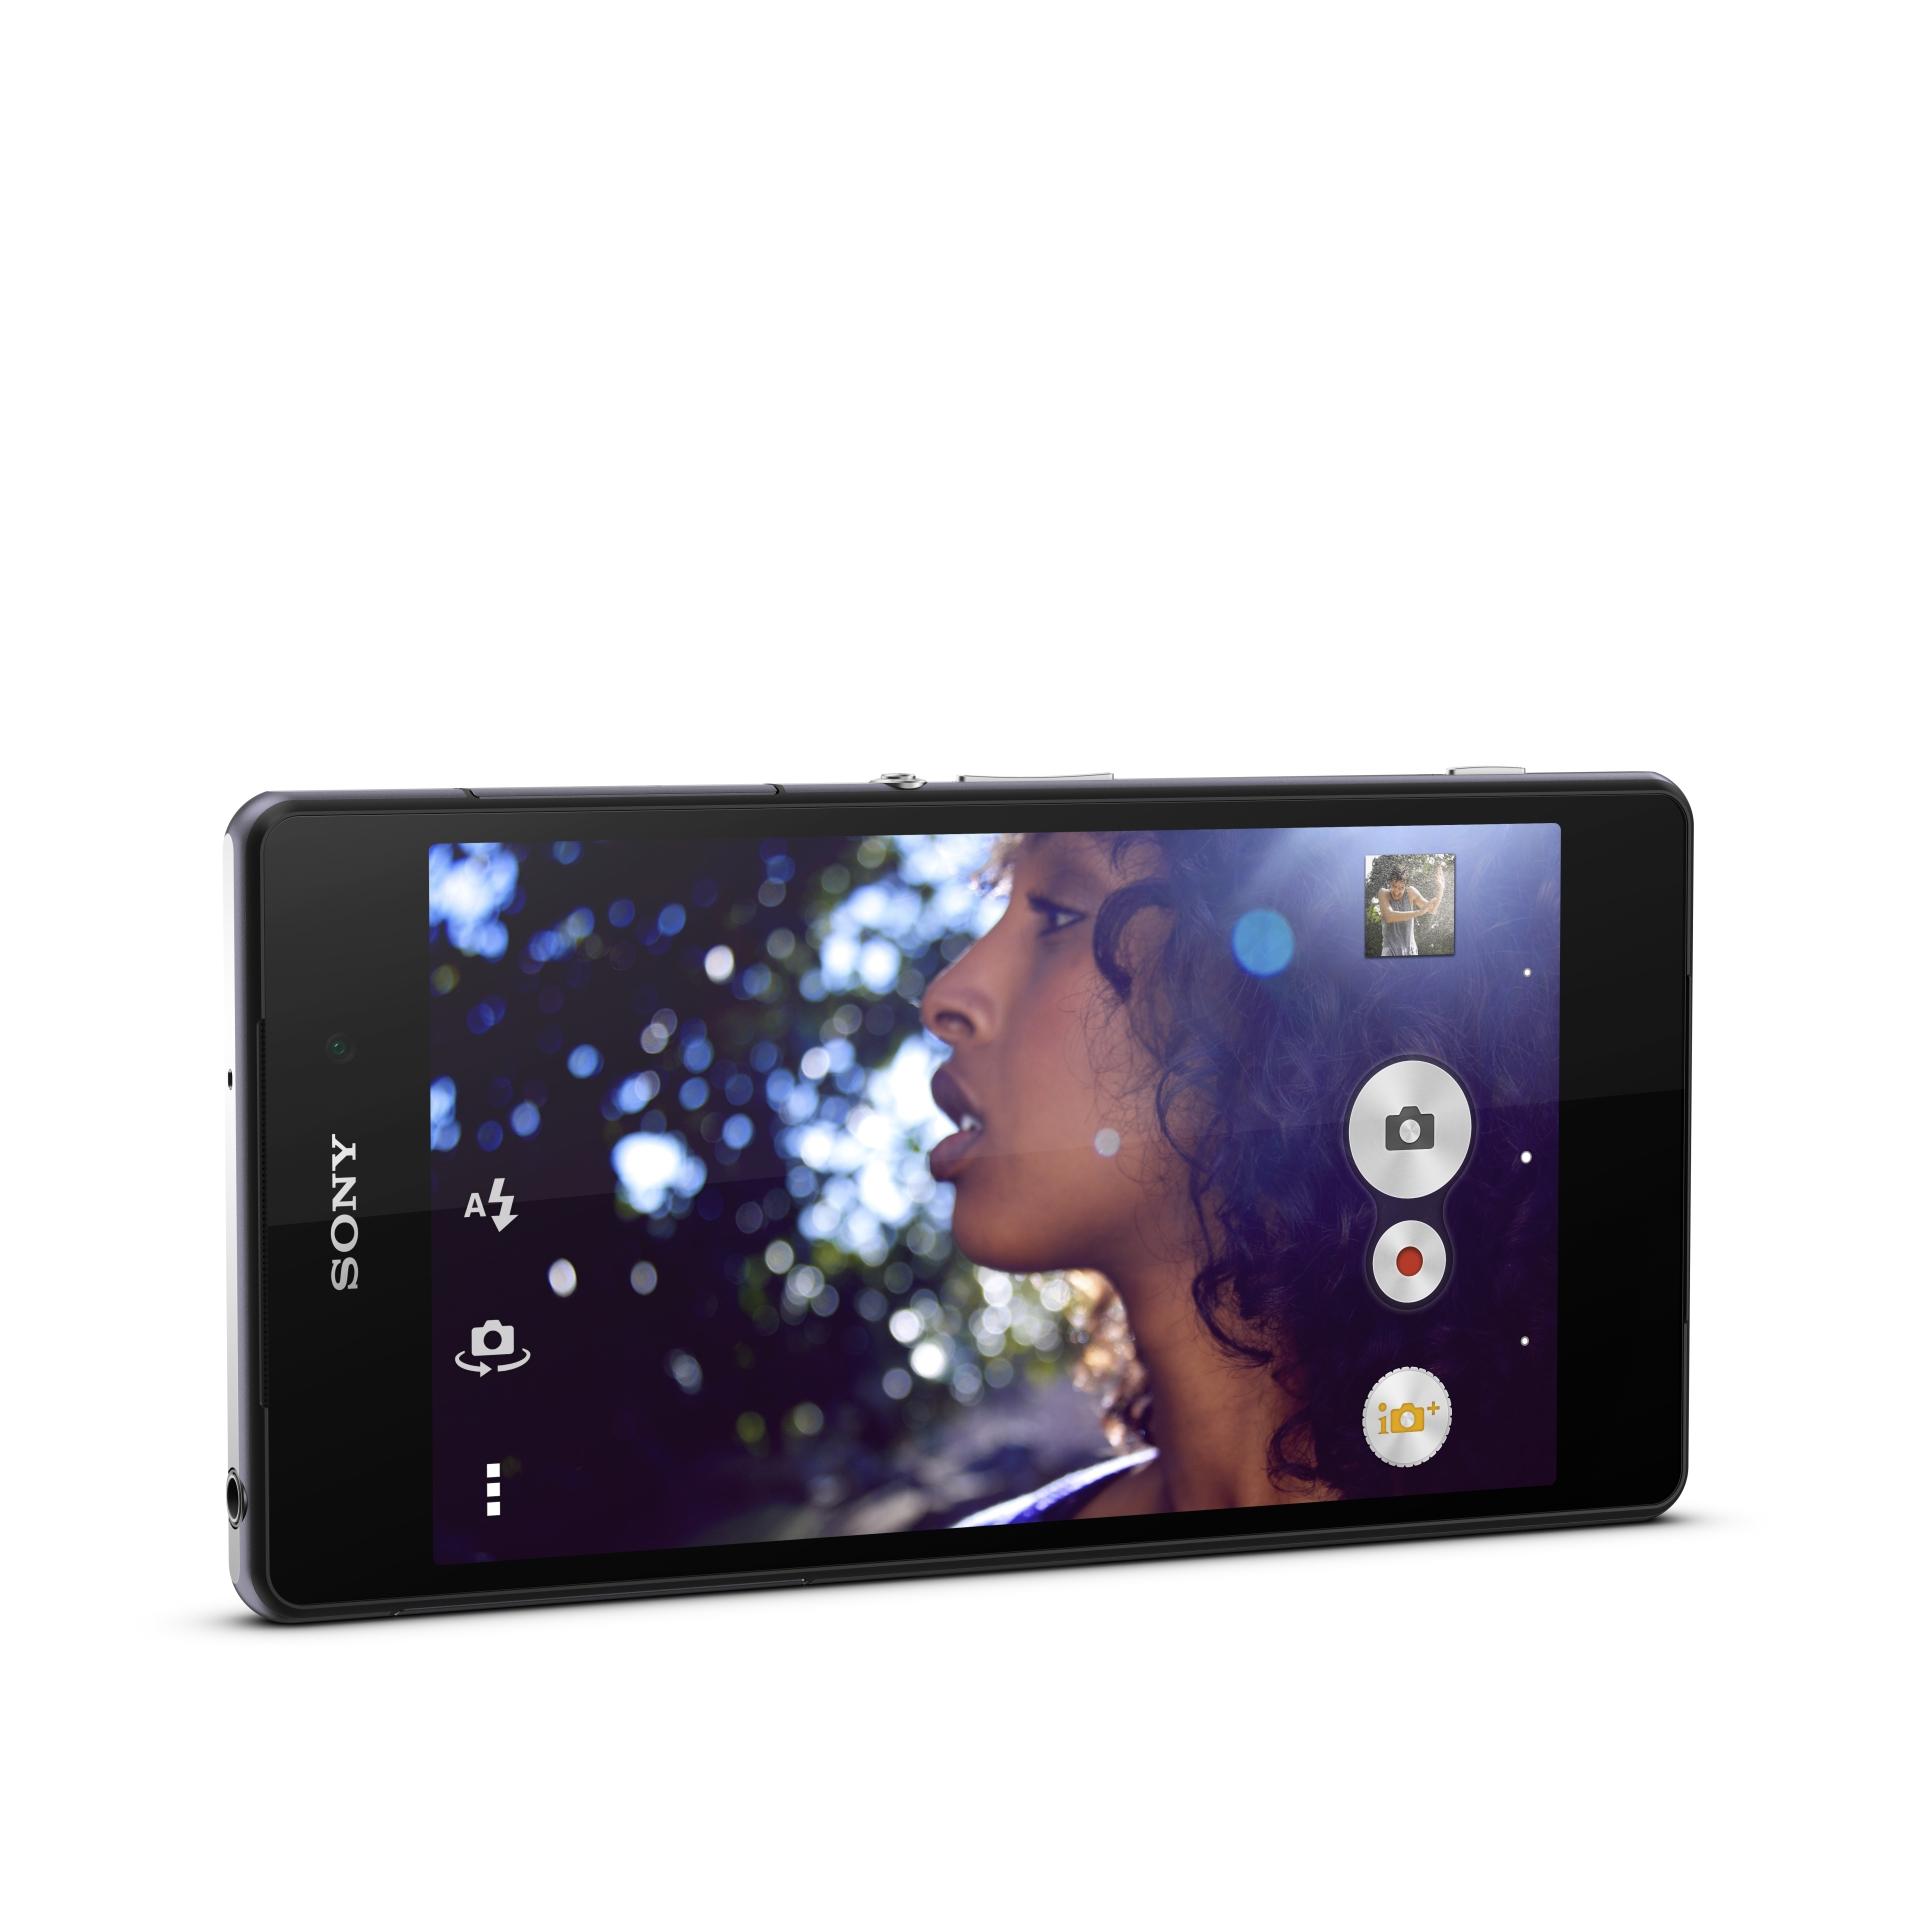 Hands on Sony Xperia Z2: Neuer, schneller Prozessor und 4K-Videofunktion - Im Inneren arbeitet der neue Snapdragon-801-Quad-Core-Prozessor. (Bild: Sony)